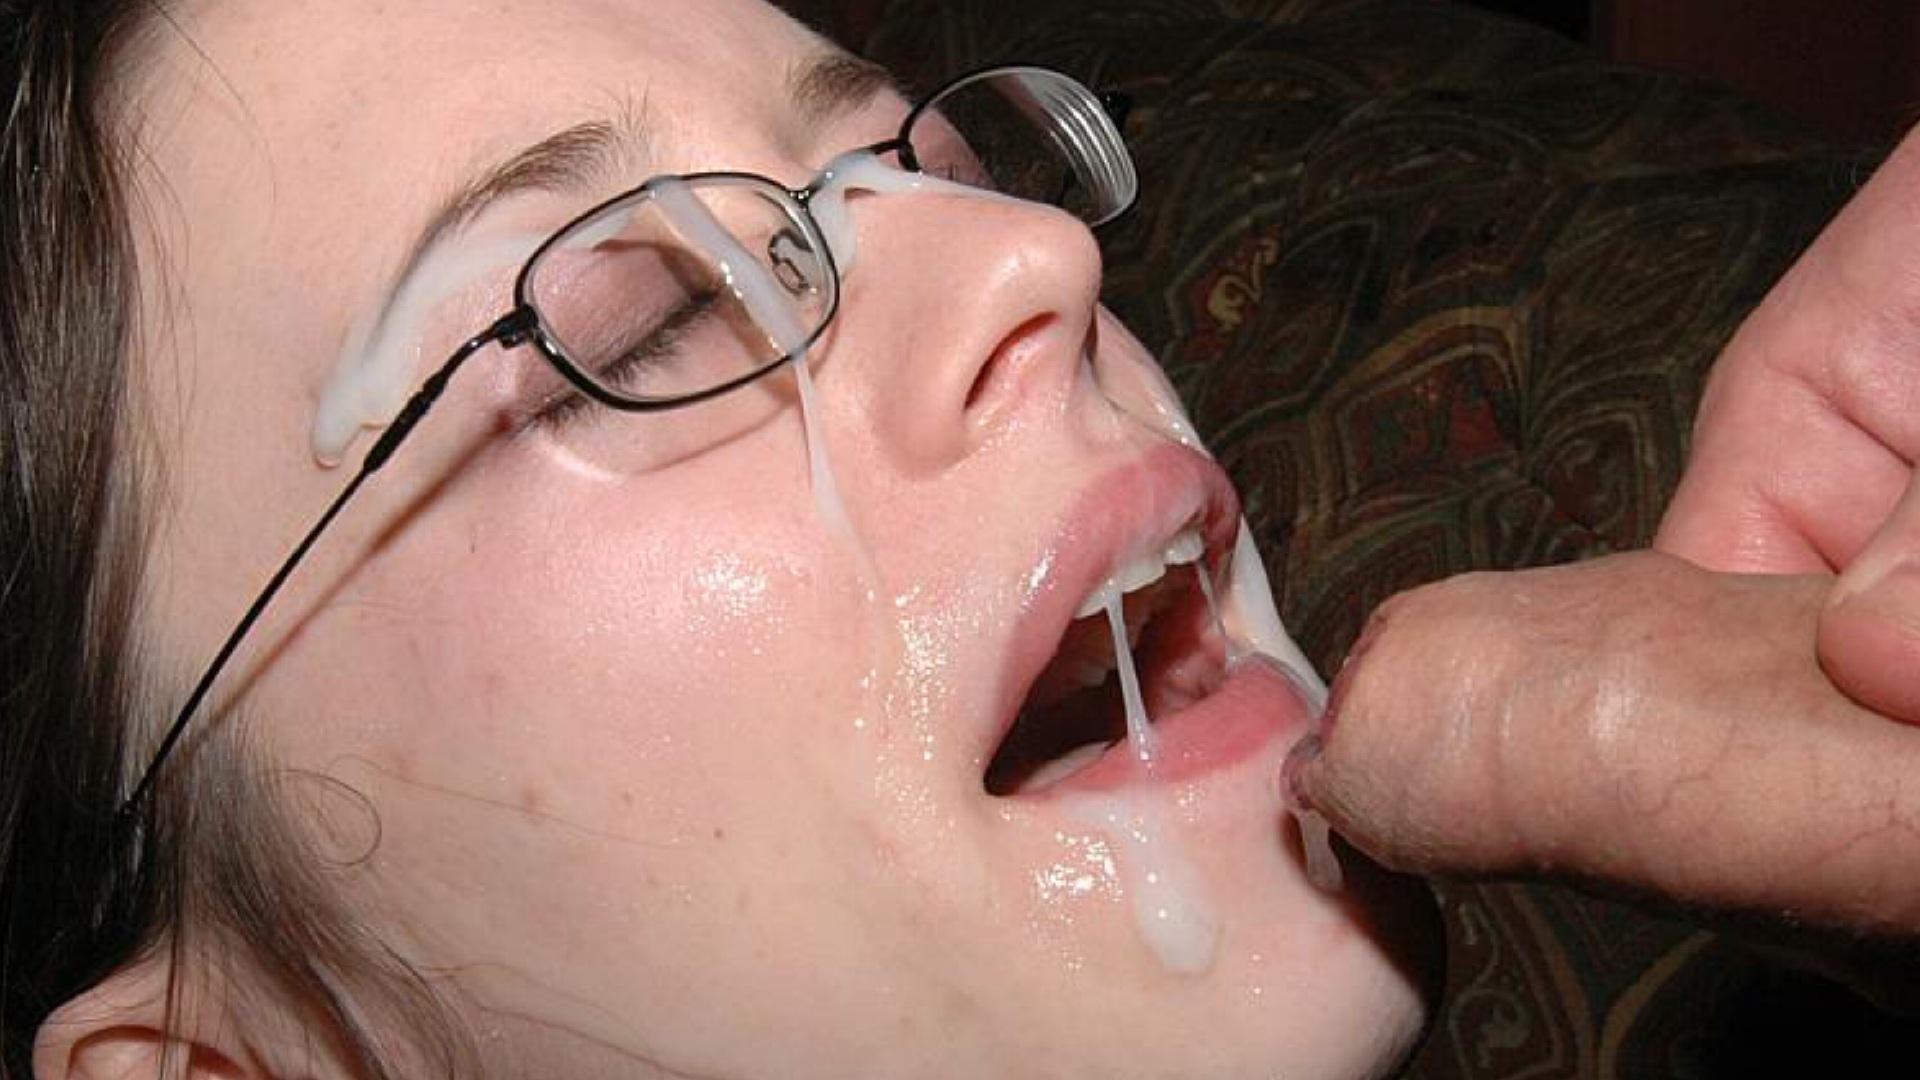 Фото во рту у девчонок сперма, Порно картинки минет сперма на лице ебут в рот 16 фотография